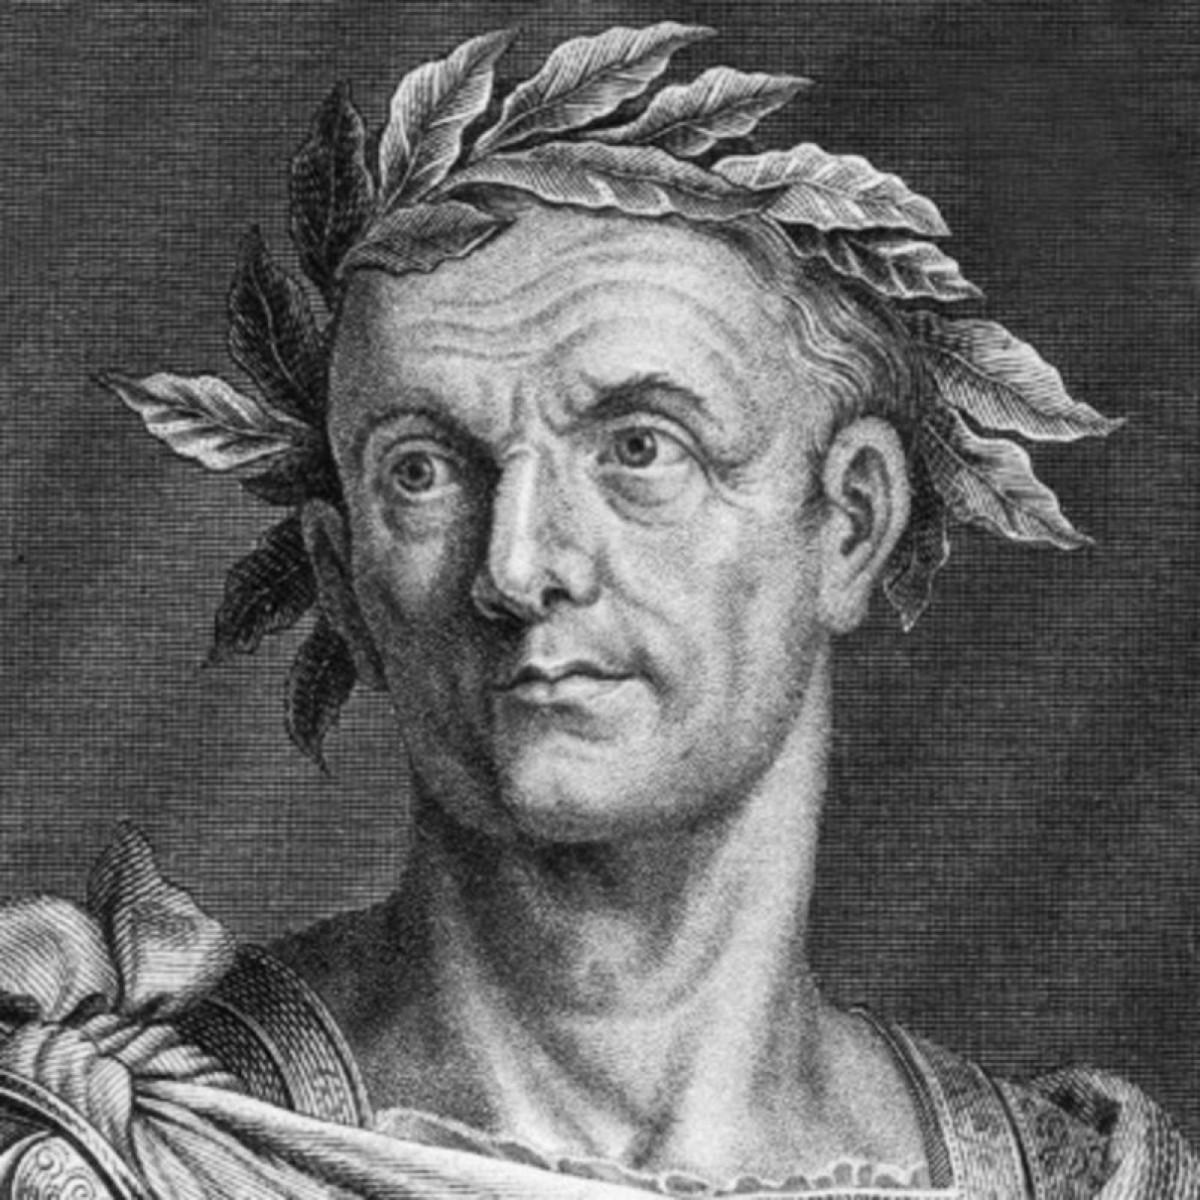 ژولیوس سزار ایتالیایی